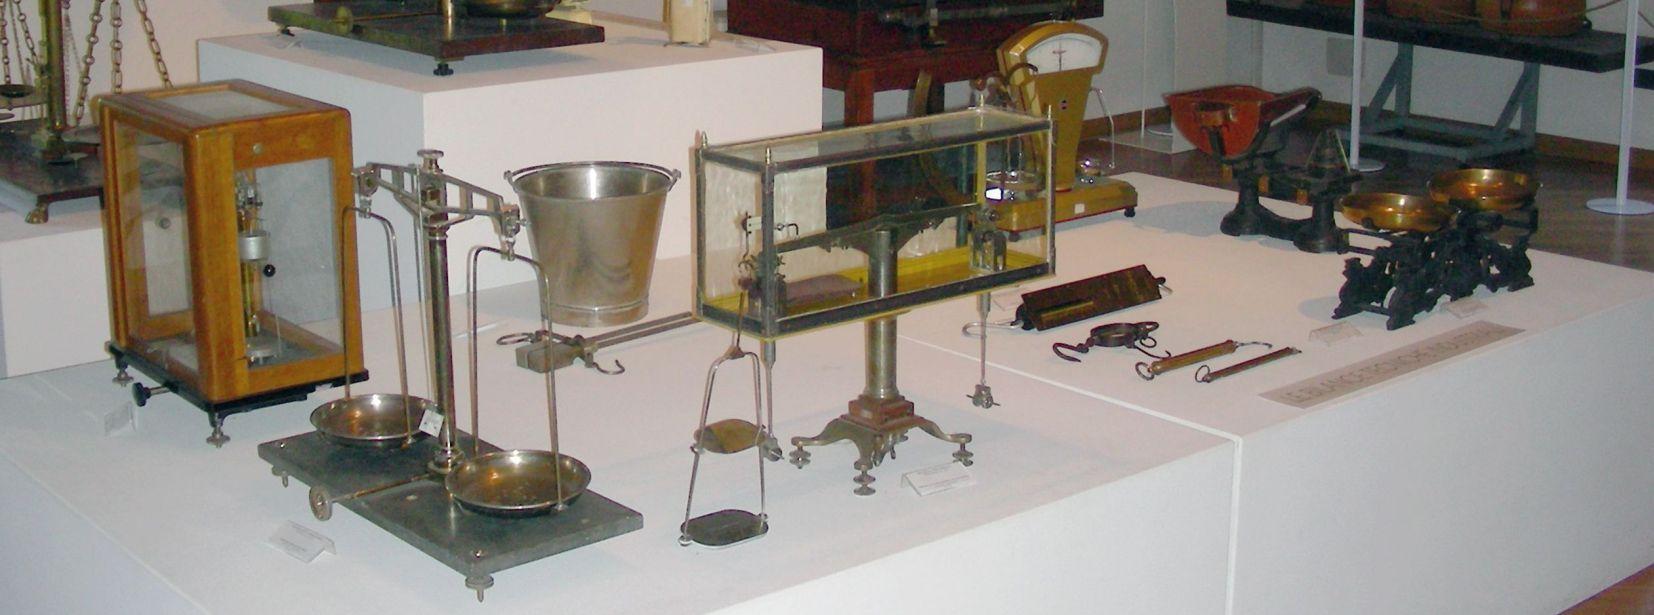 Le bilance nella storia tra evoluzione tecnico-scientifica e usi popolari